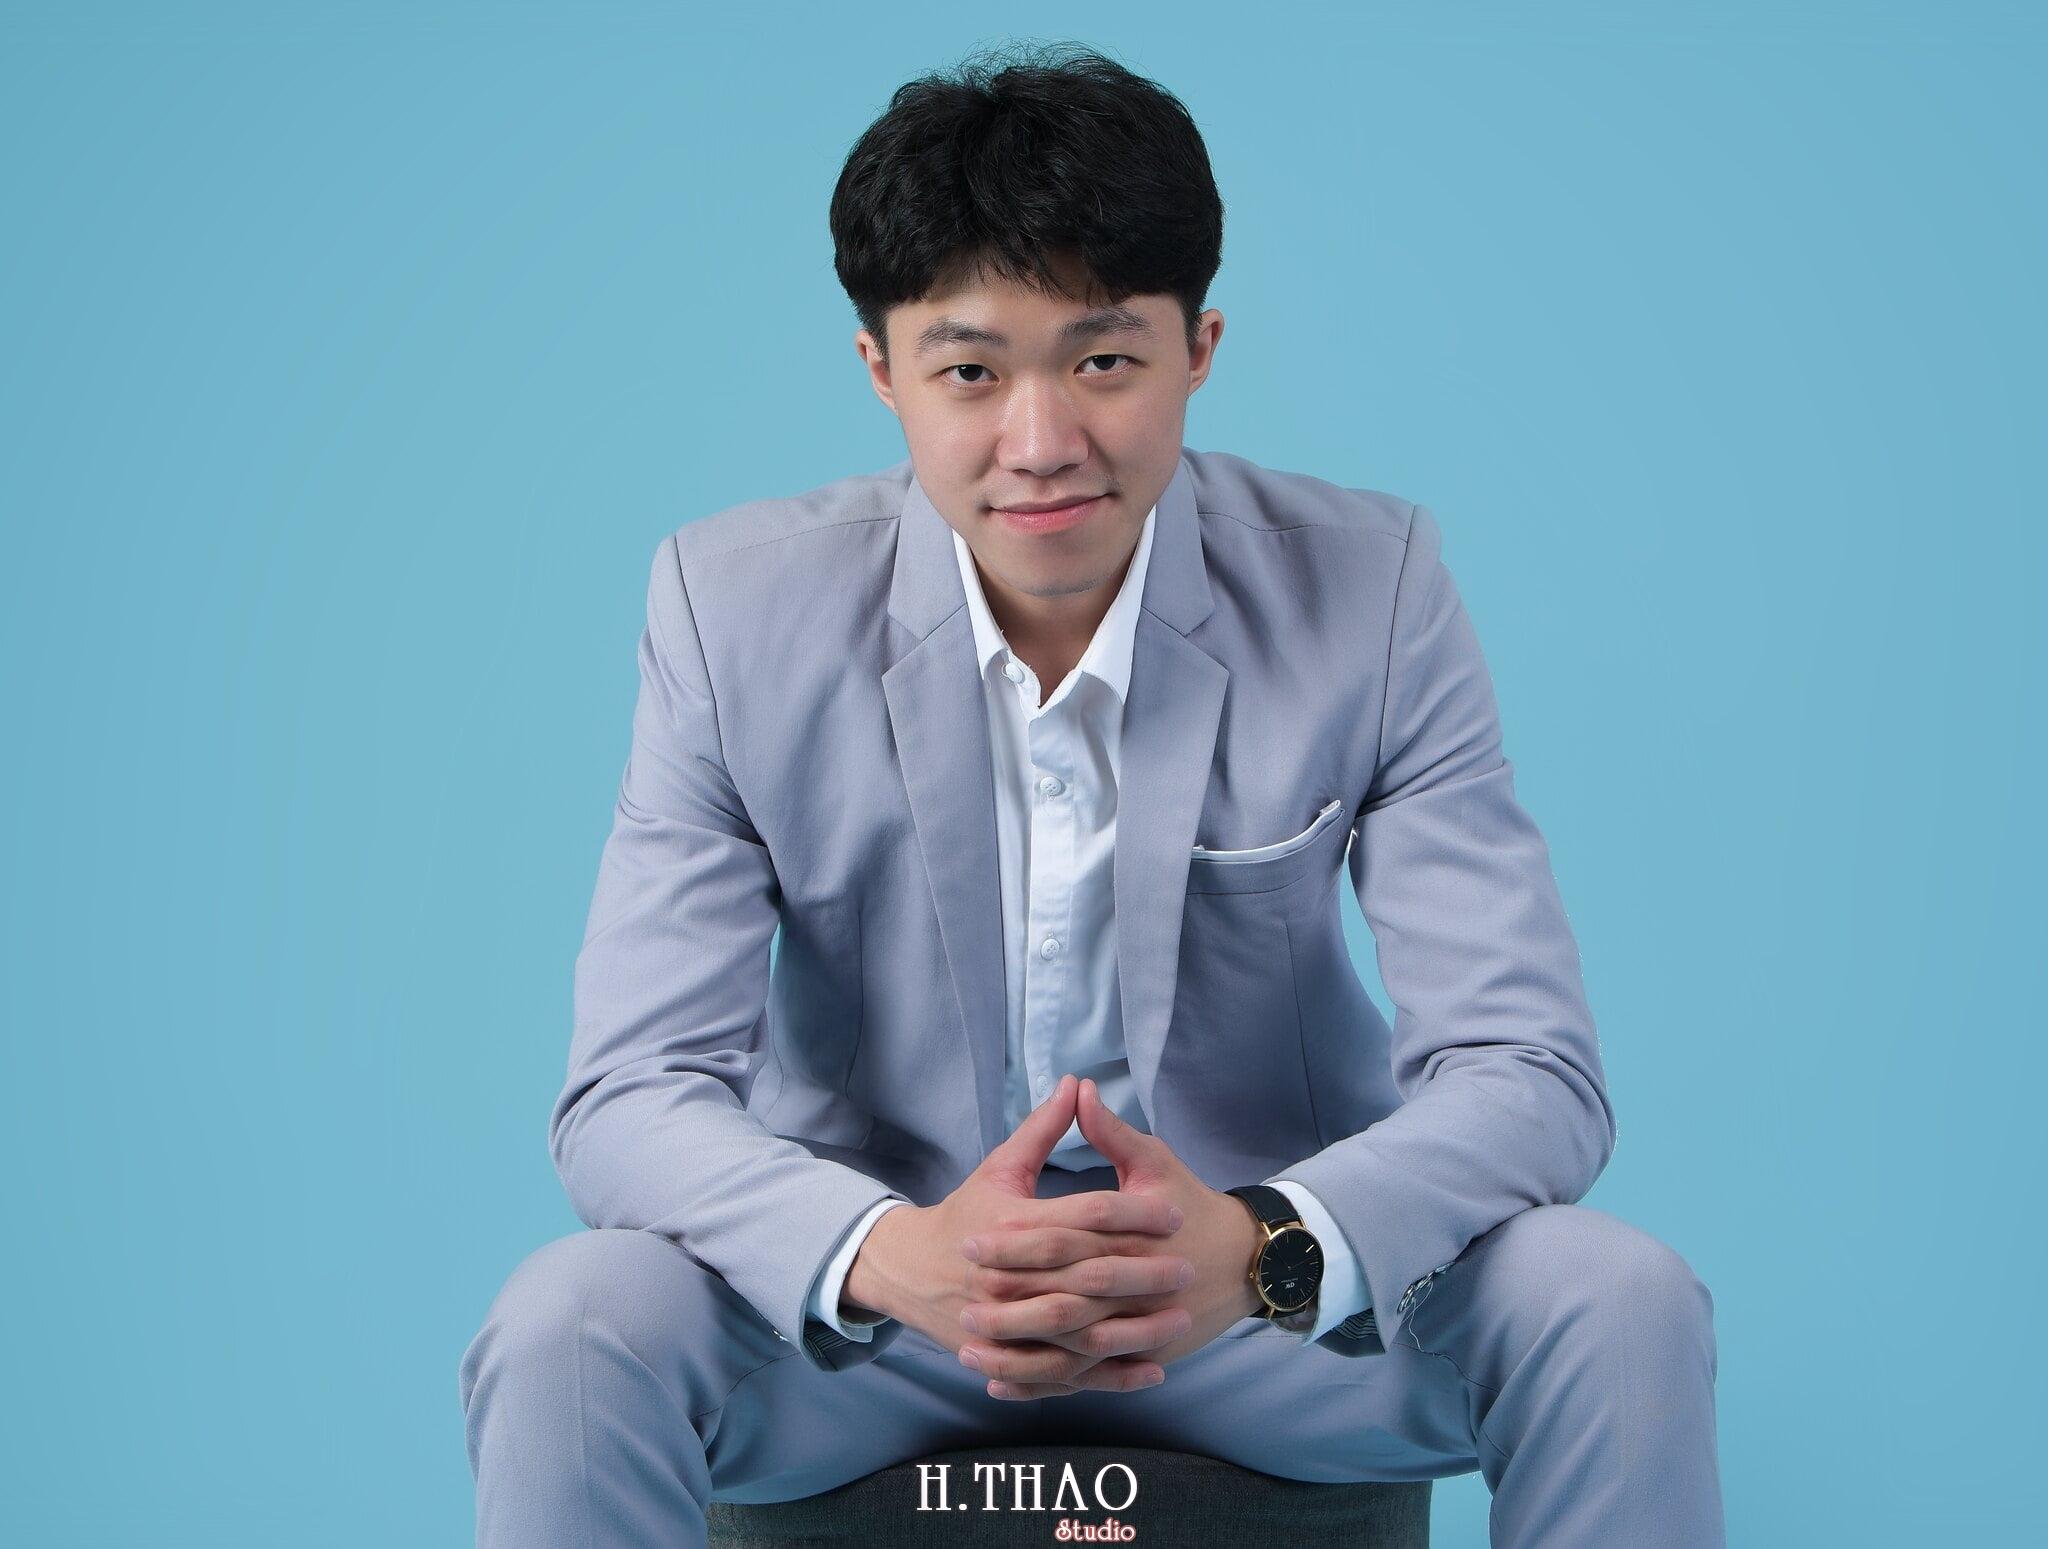 Thanh dat xanh 13 - Chụp ảnh profile nhân viên bất động sản Đất Xanh - HThao Studio